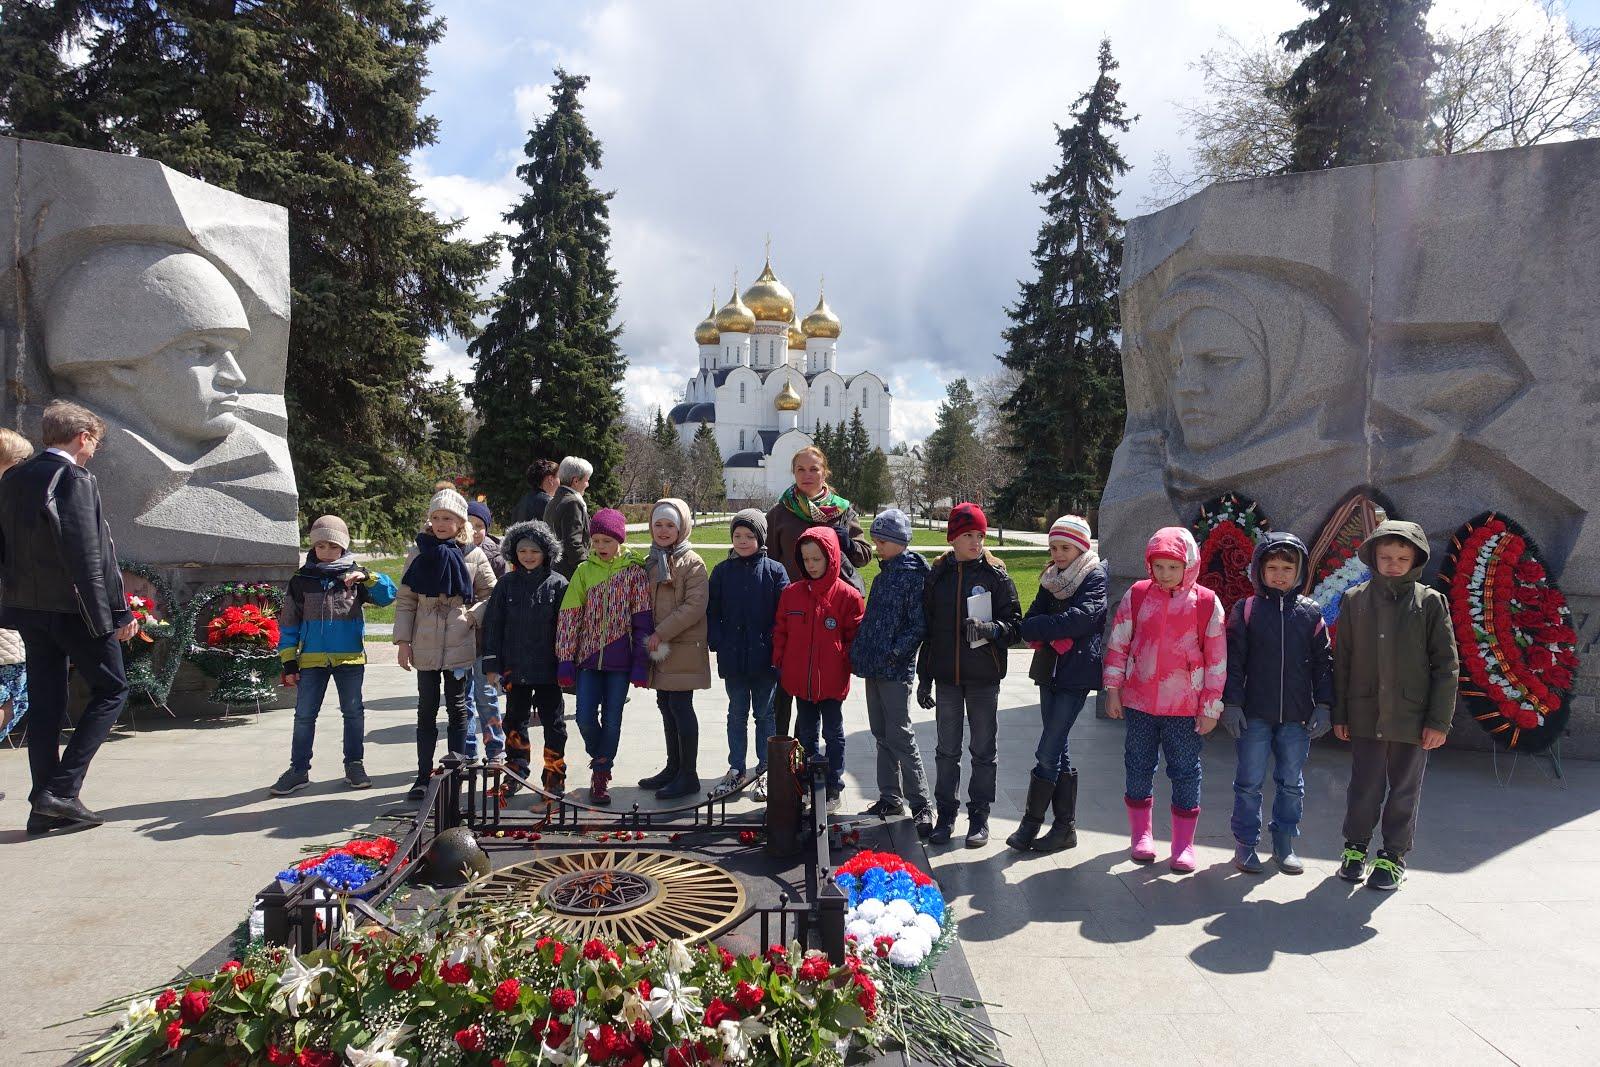 Ярославль. У памятника Вечному огню.